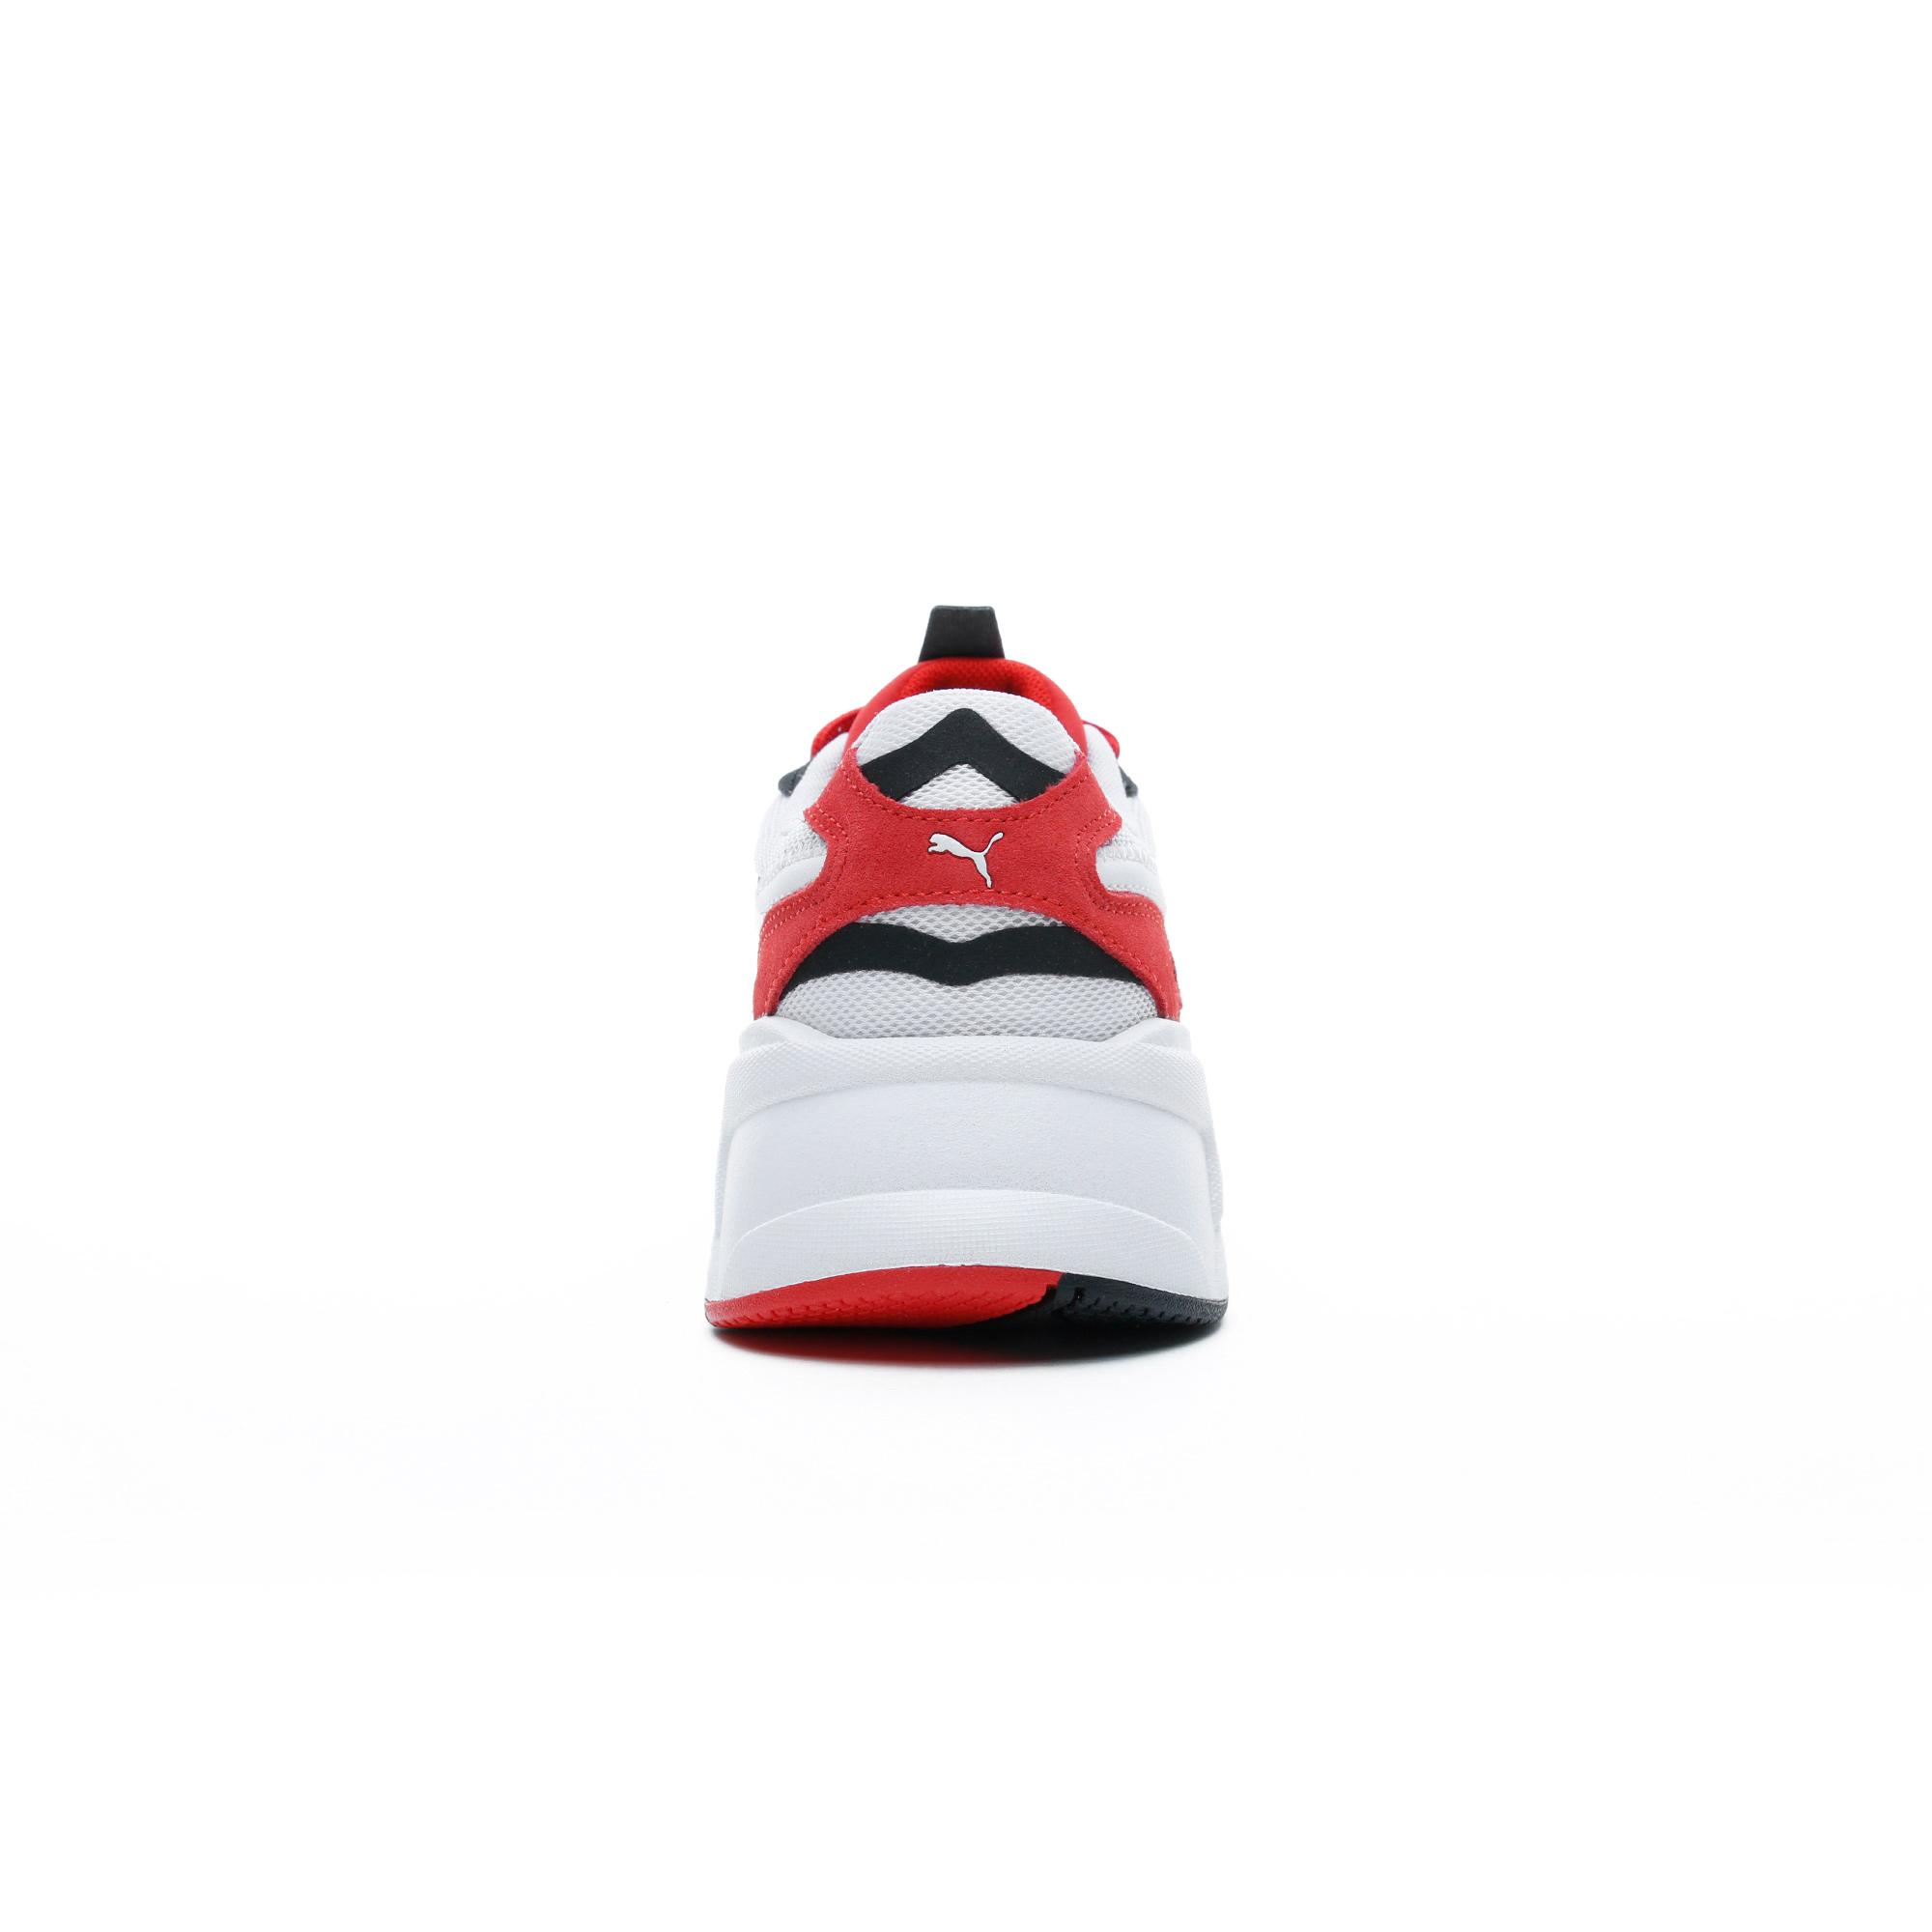 Puma RS-X³ Play Erkek Beyaz-Kırmızı Spor Ayakkabı